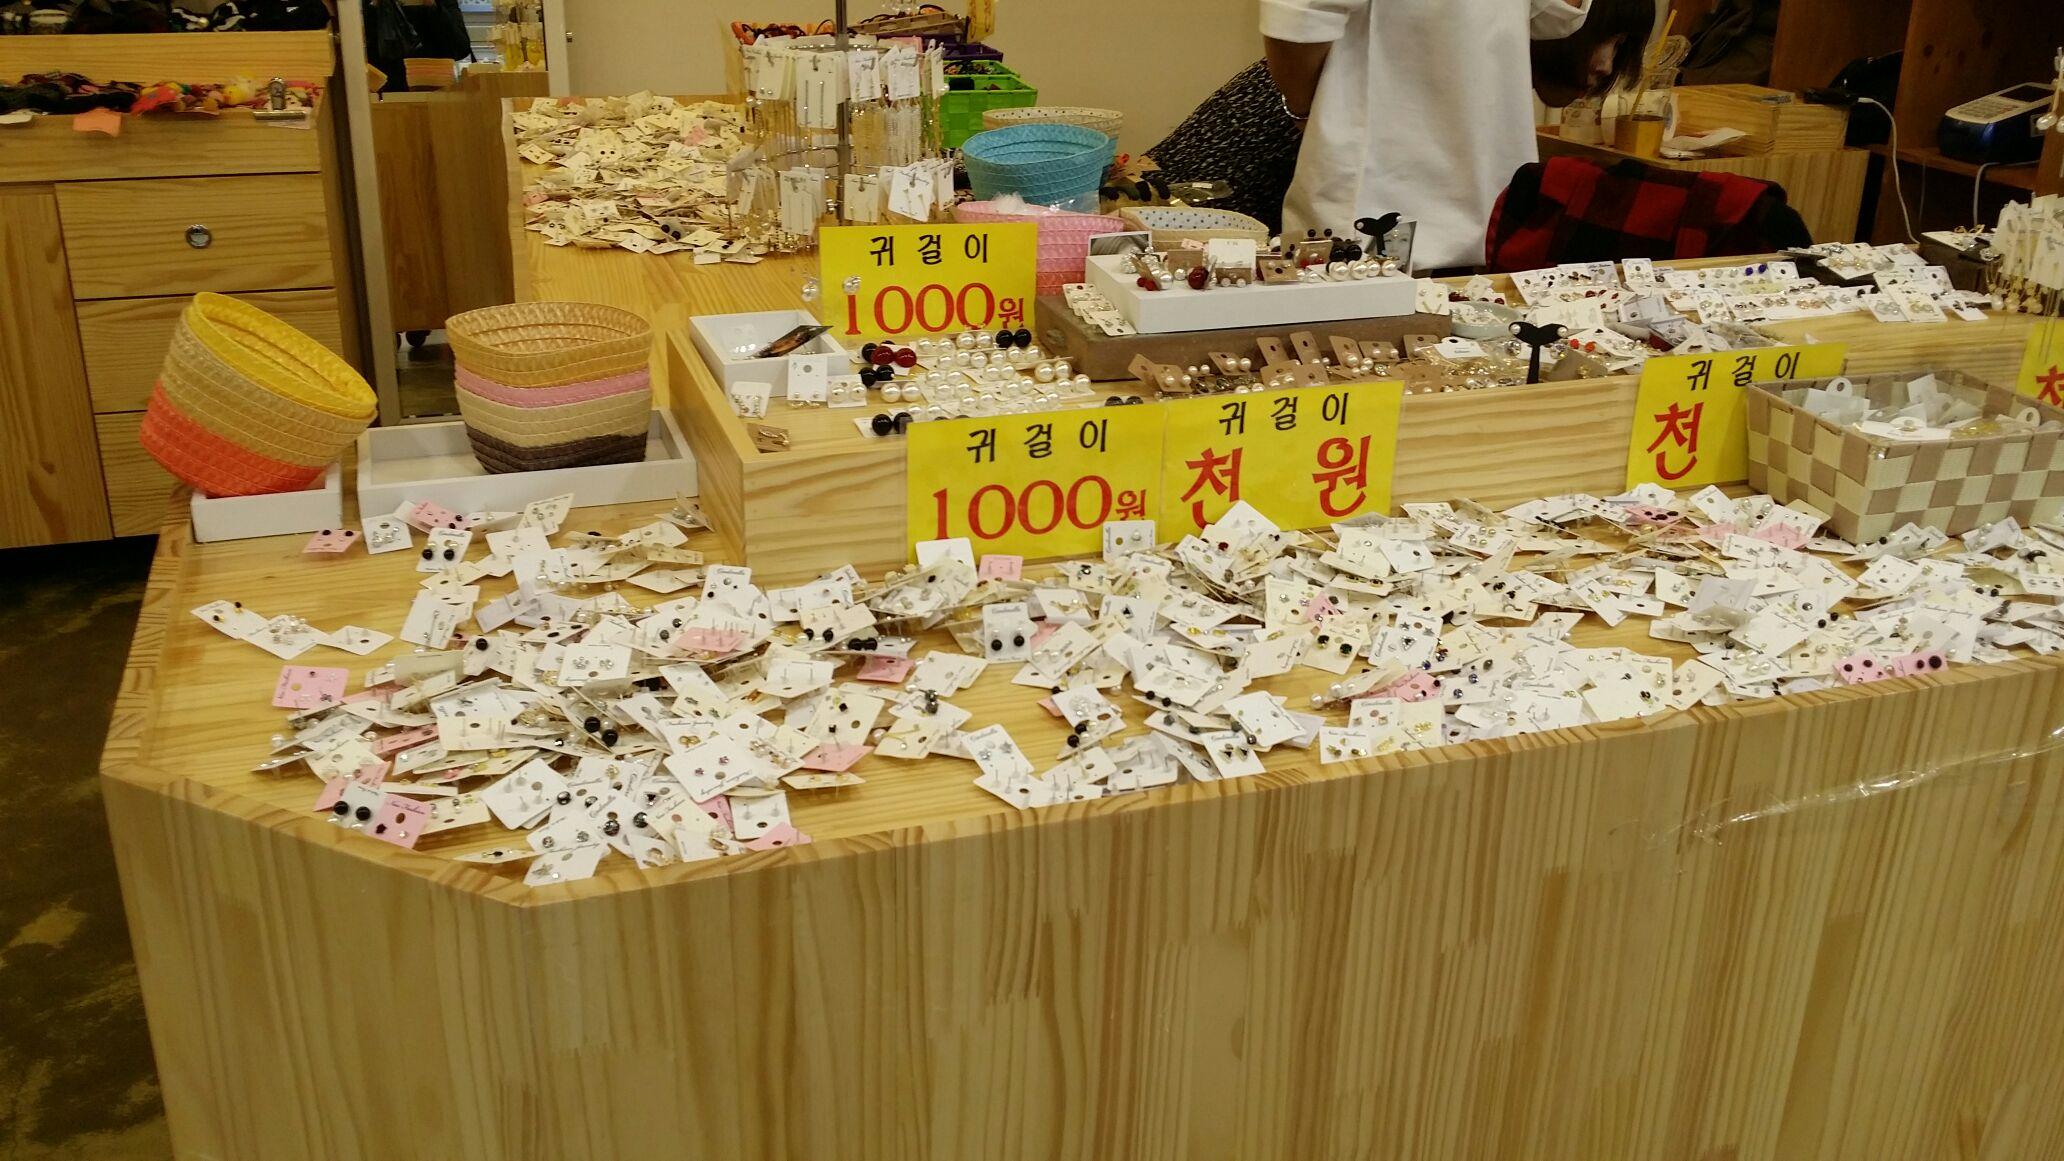 1000Wピアスお店2